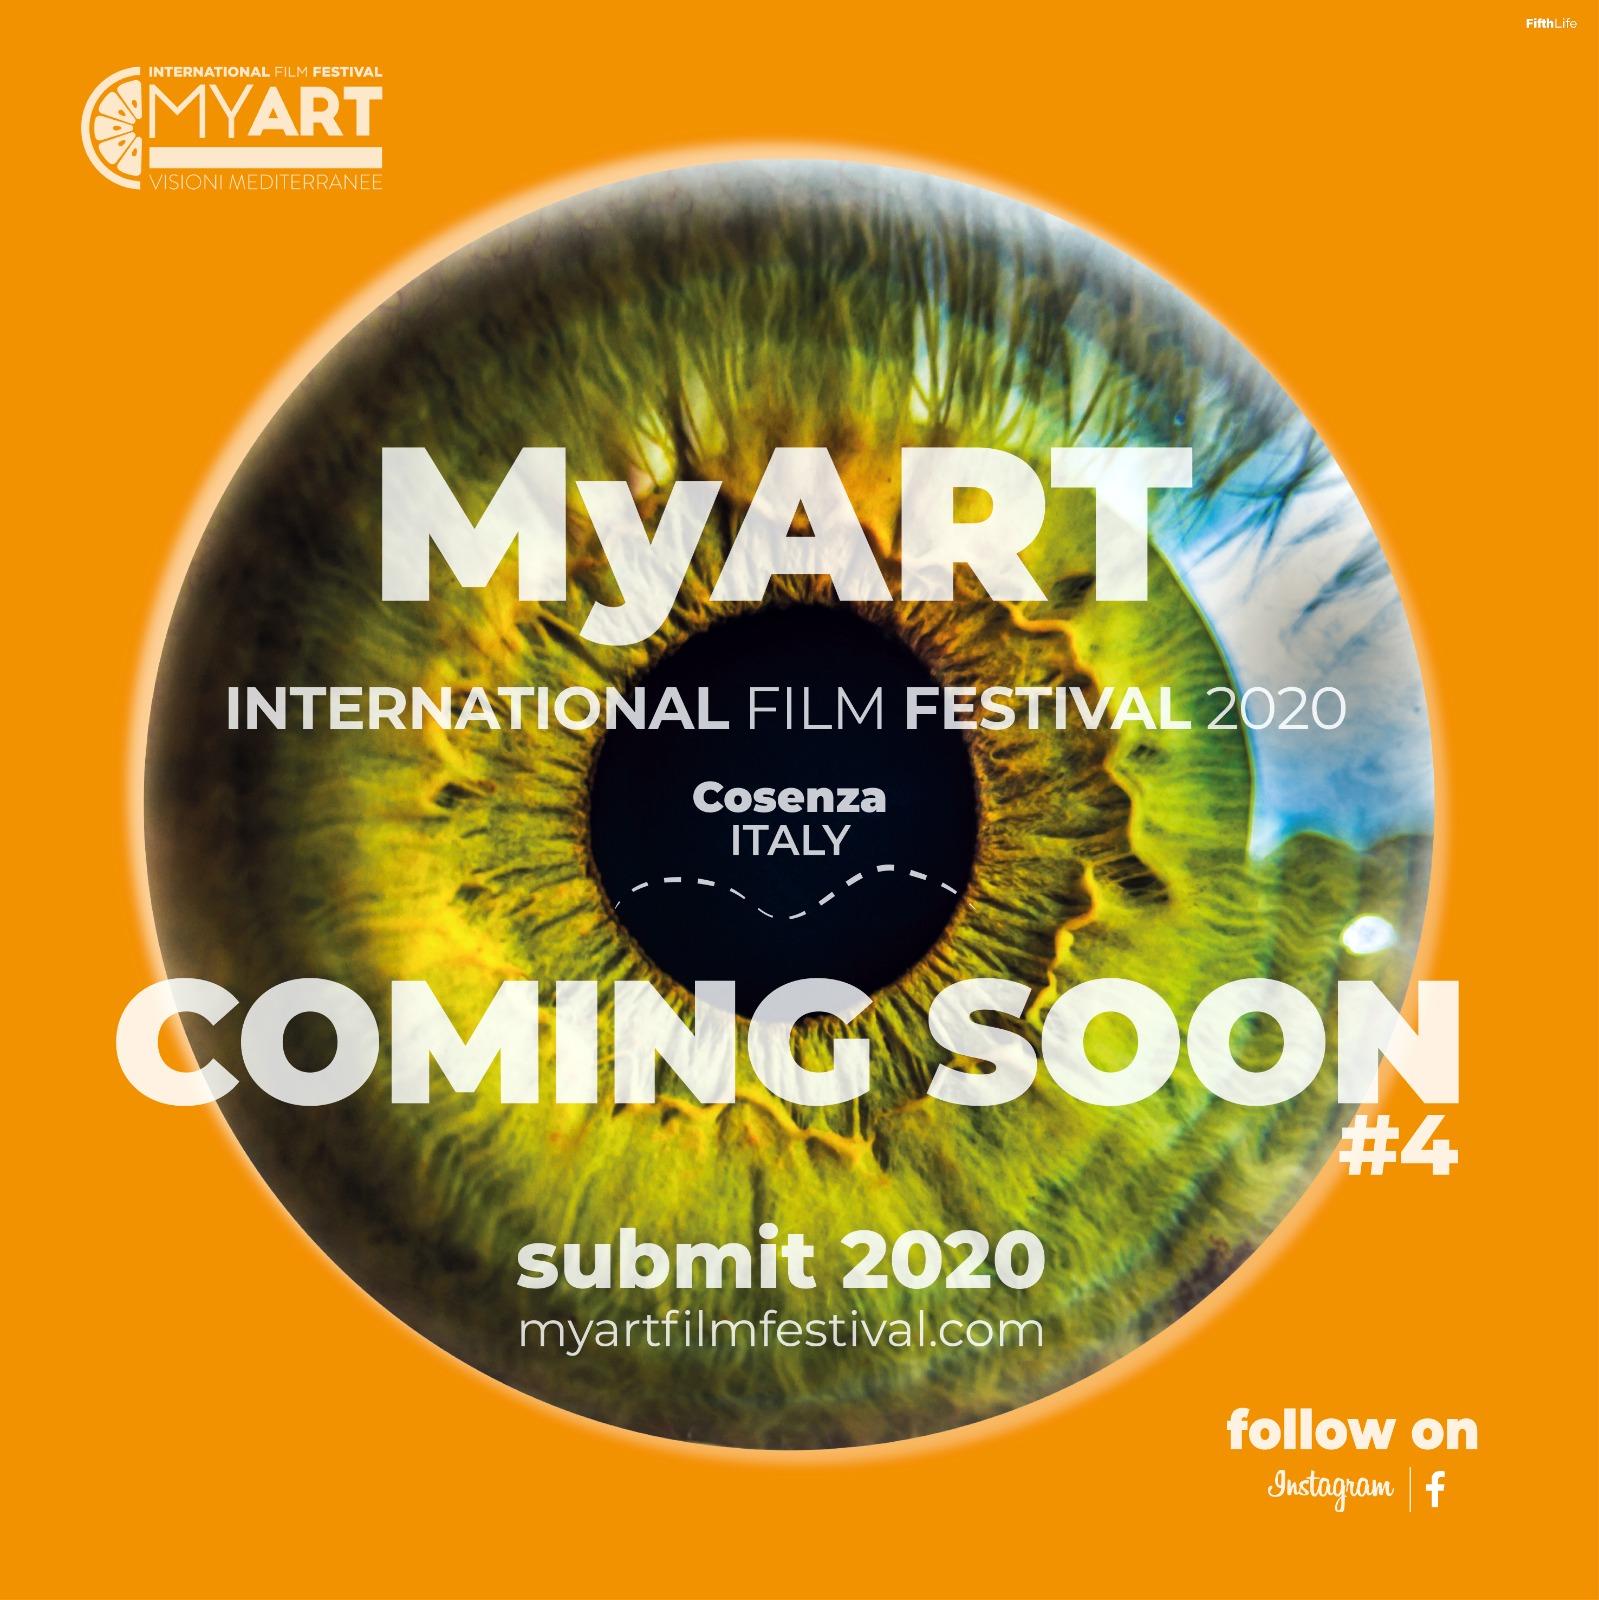 Cosenza, aperte le iscrizioni MyArt 2020